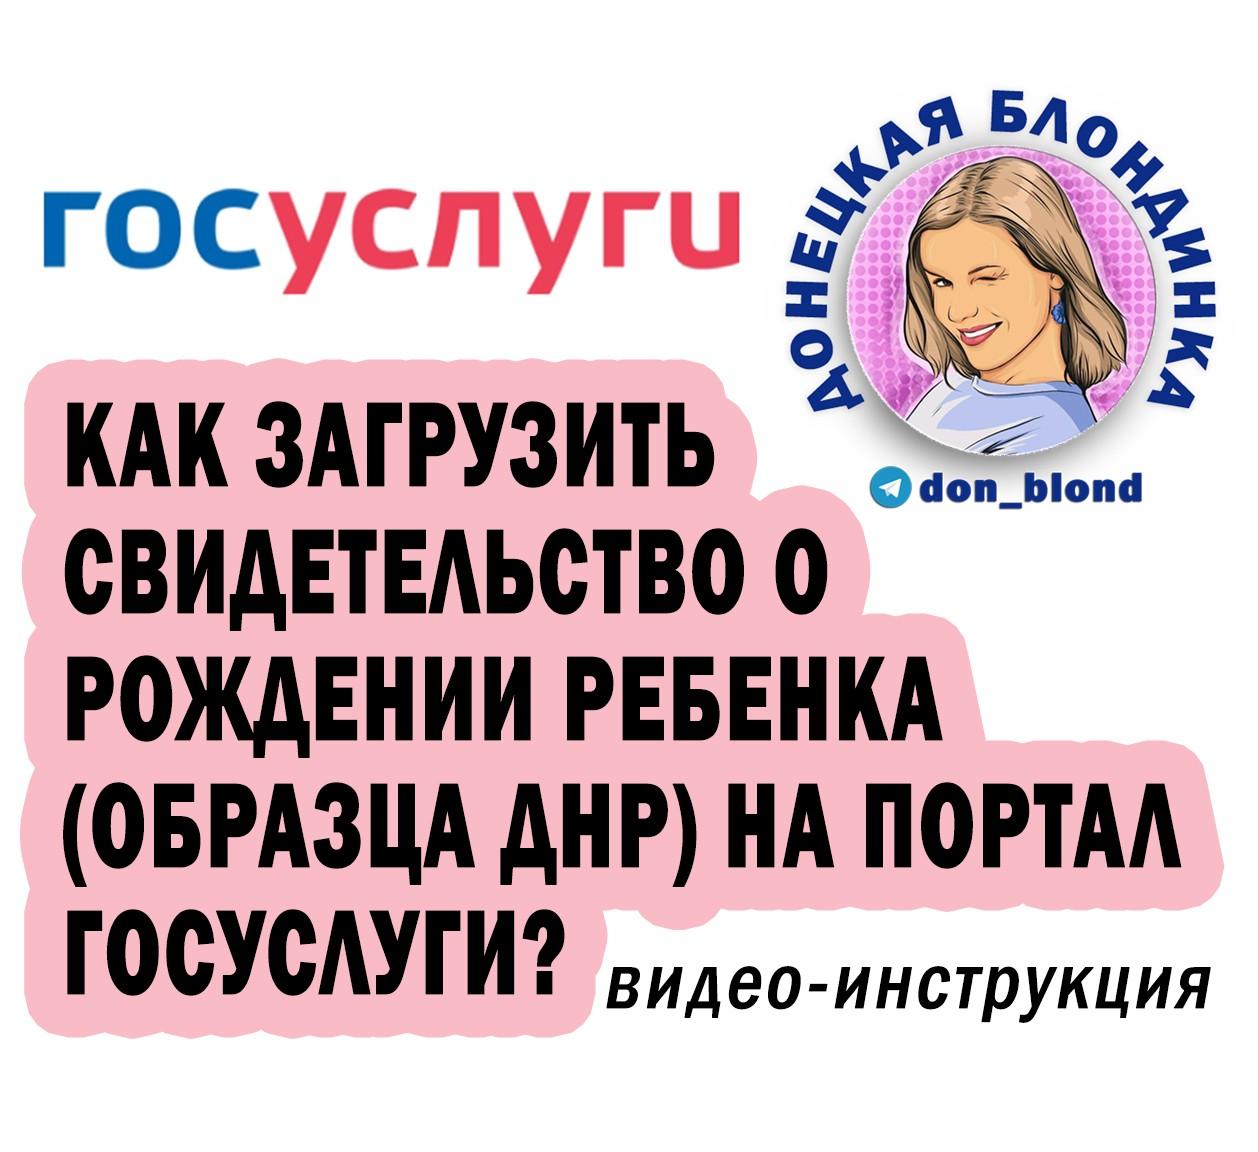 Как загрузить свидетельство о рождении ребенка (образца ДНР) на портал Госуслуги